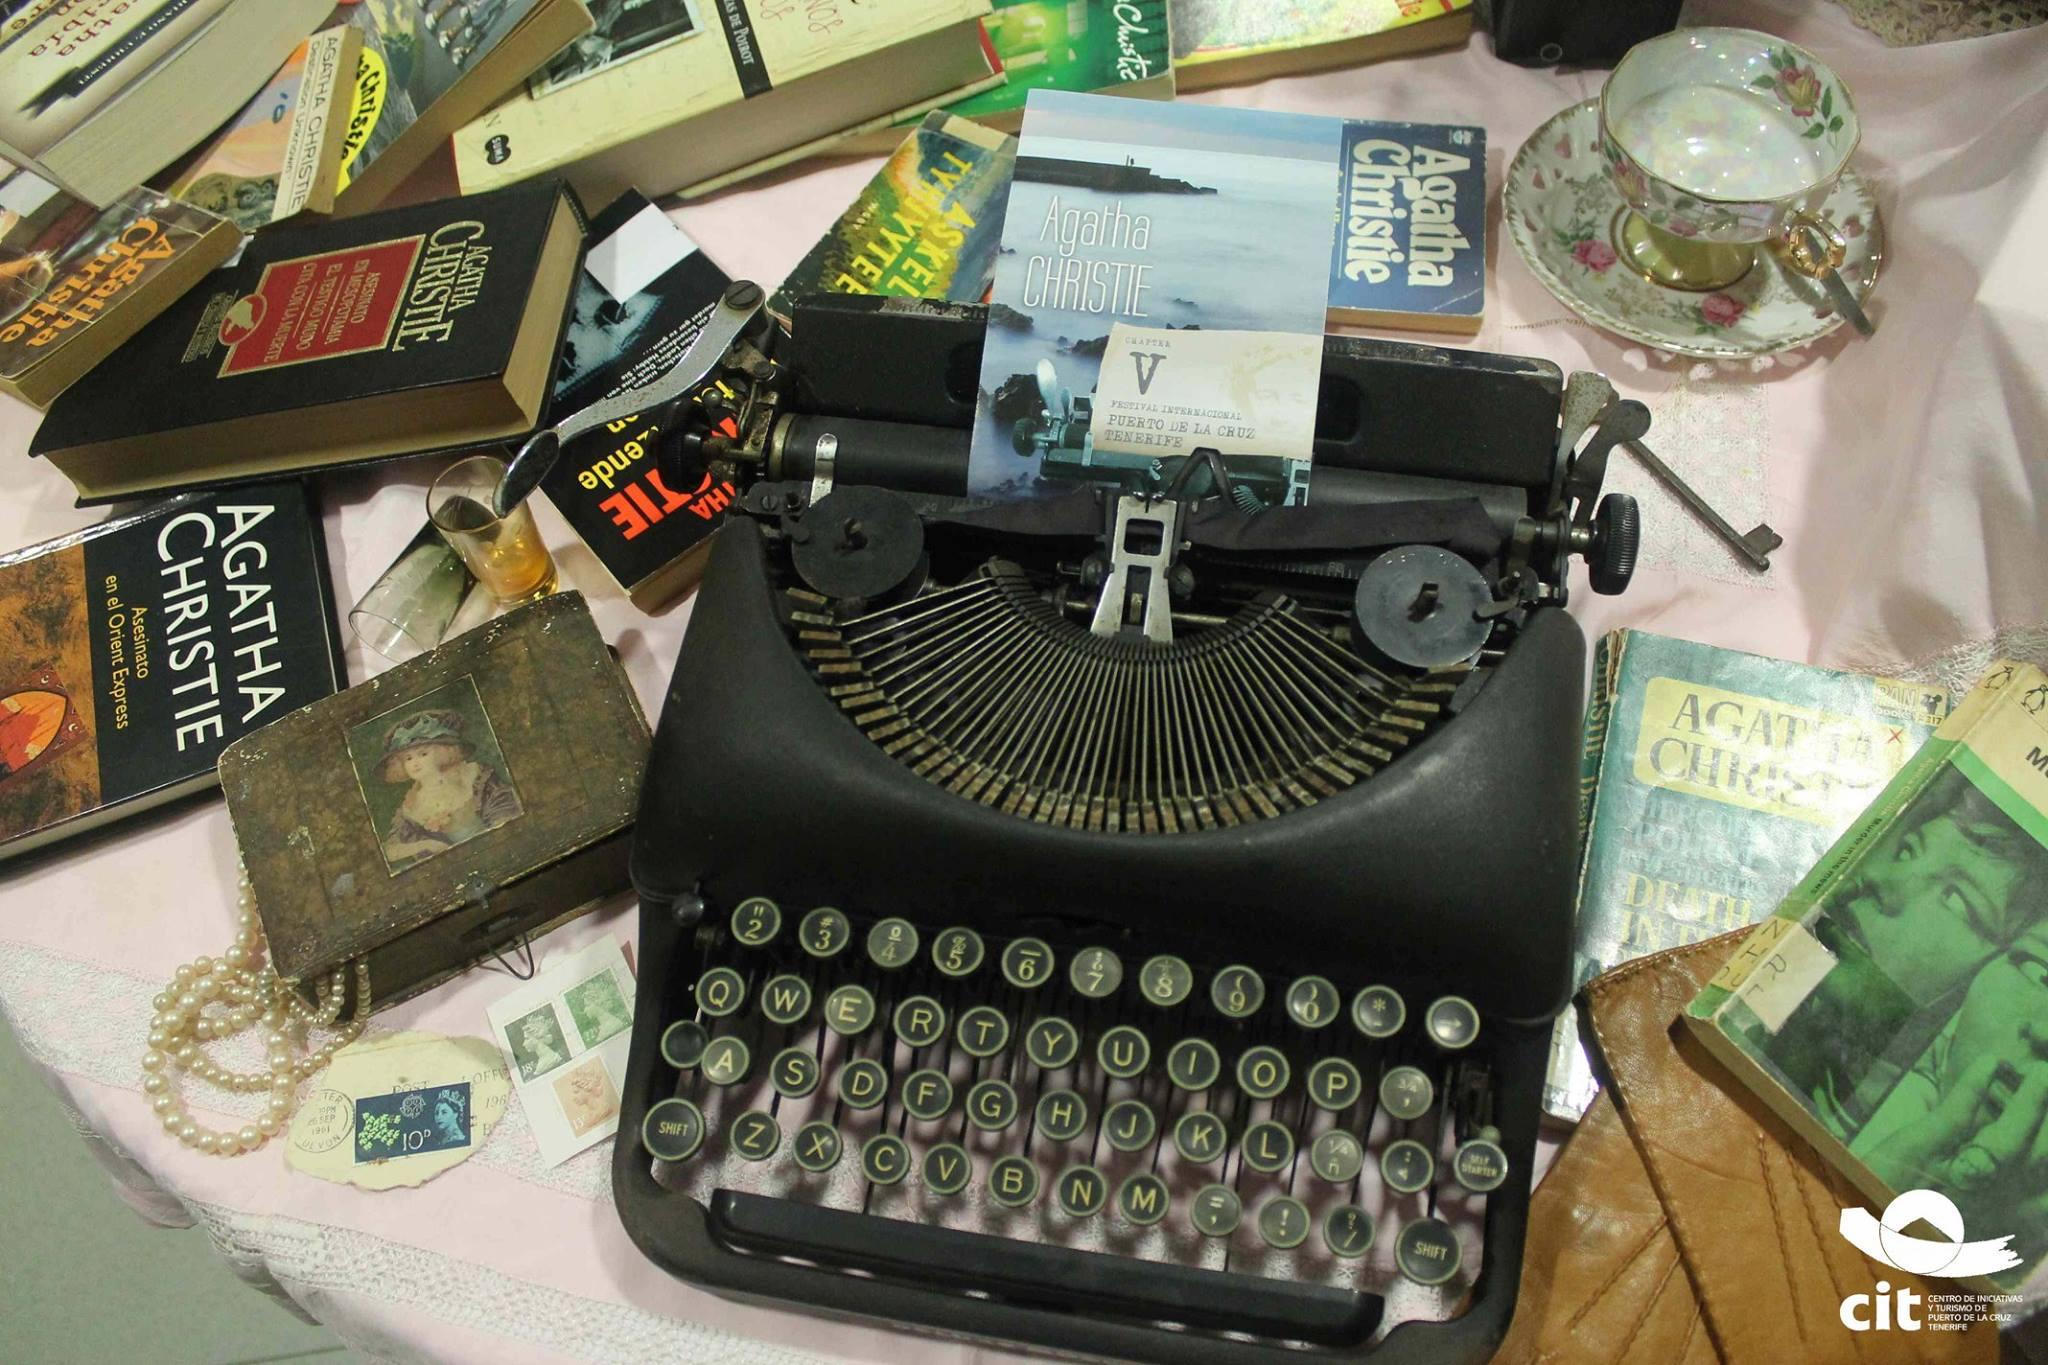 Agatha Christie Maquina de escribir y Libros